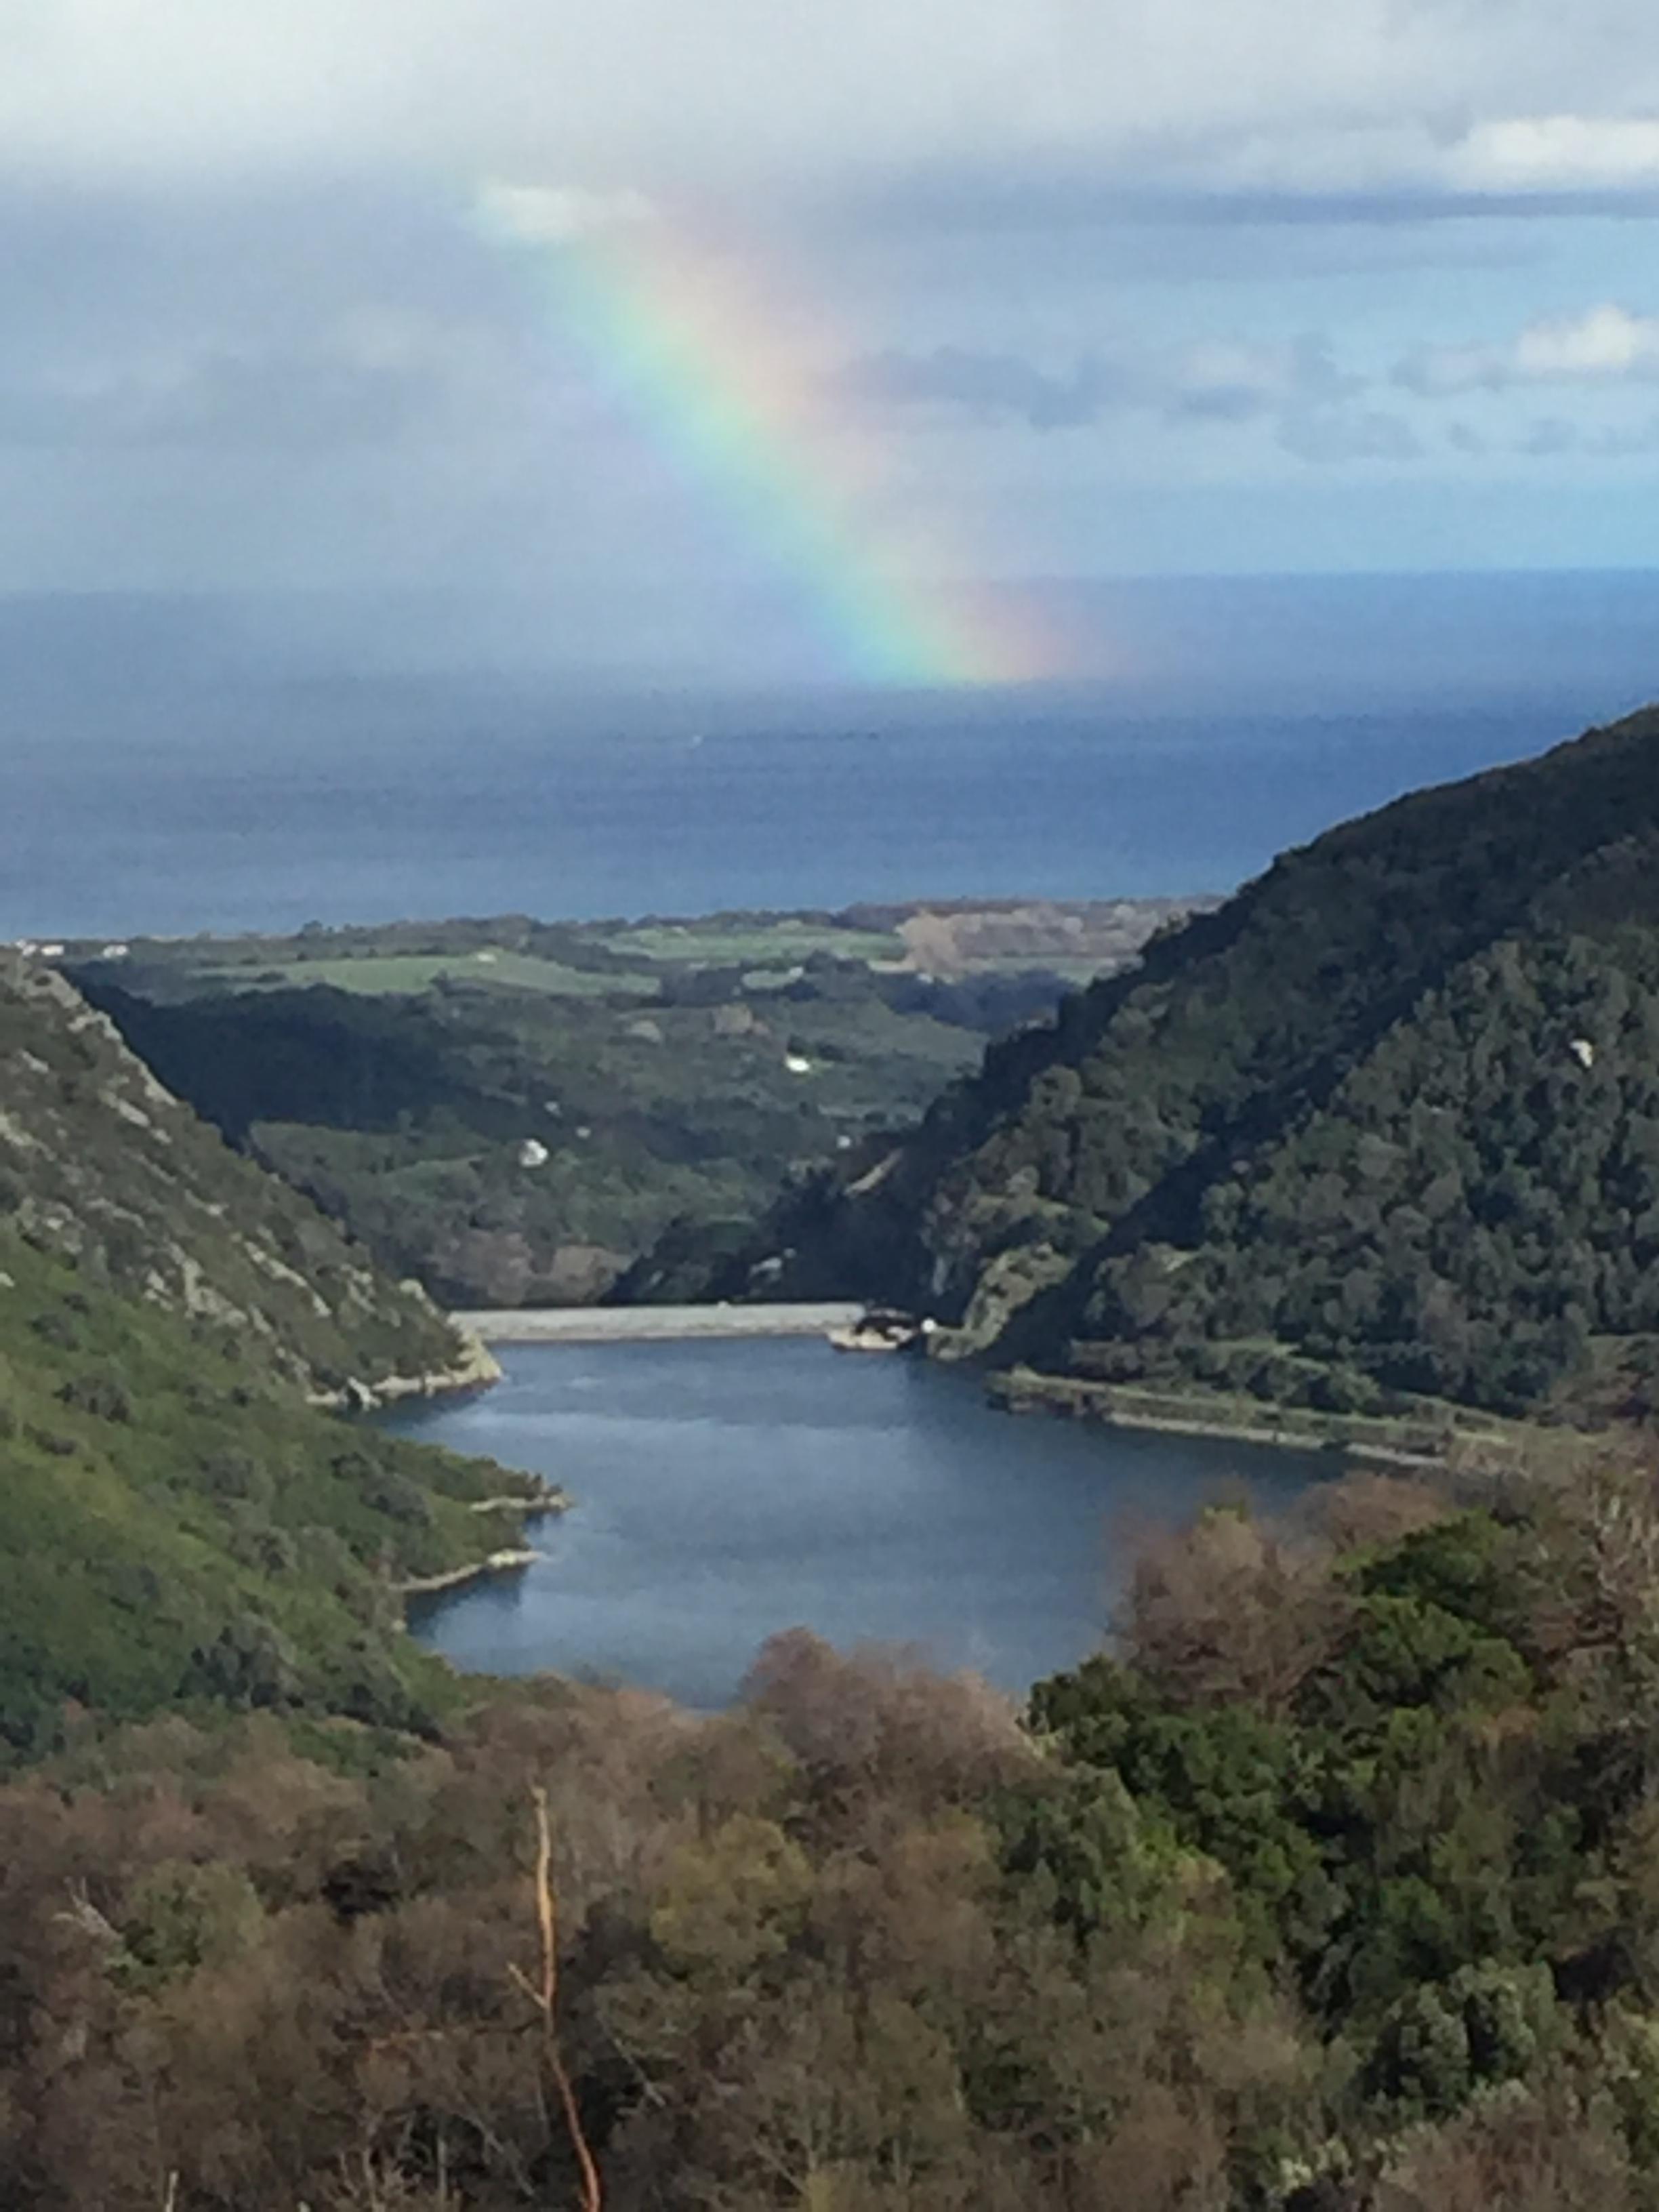 La photo du jour : Le barrage de l'Alesani, la Tyrrhénienne et l'arc-en-ciel